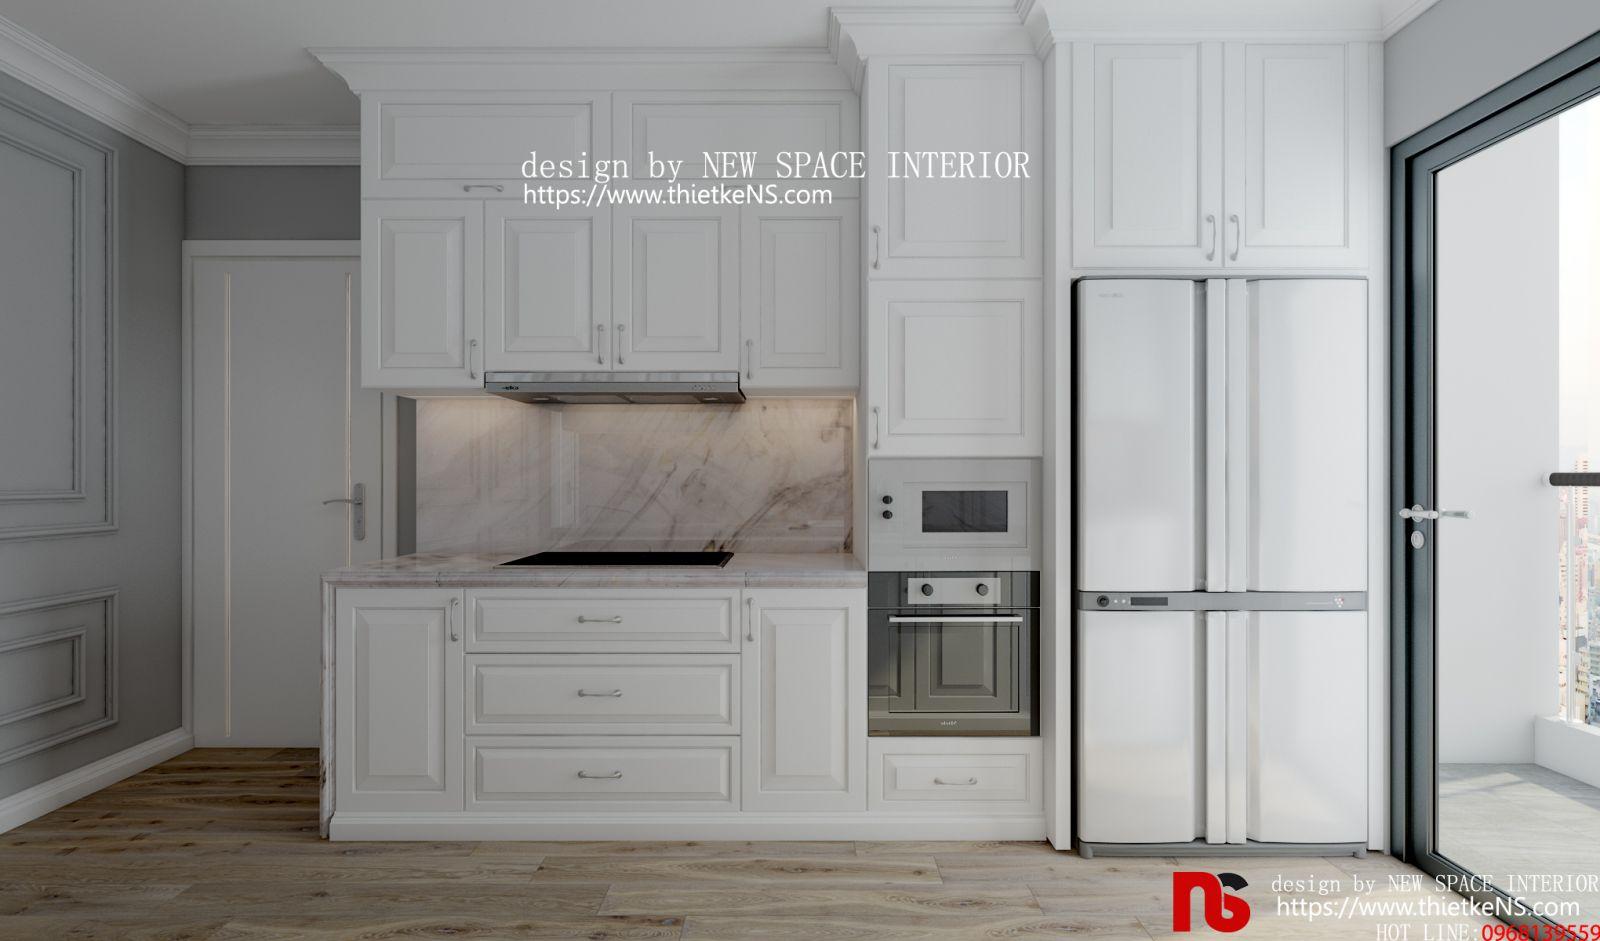 Thiết kế nội thất chung cư cho khu vực nhà bếp